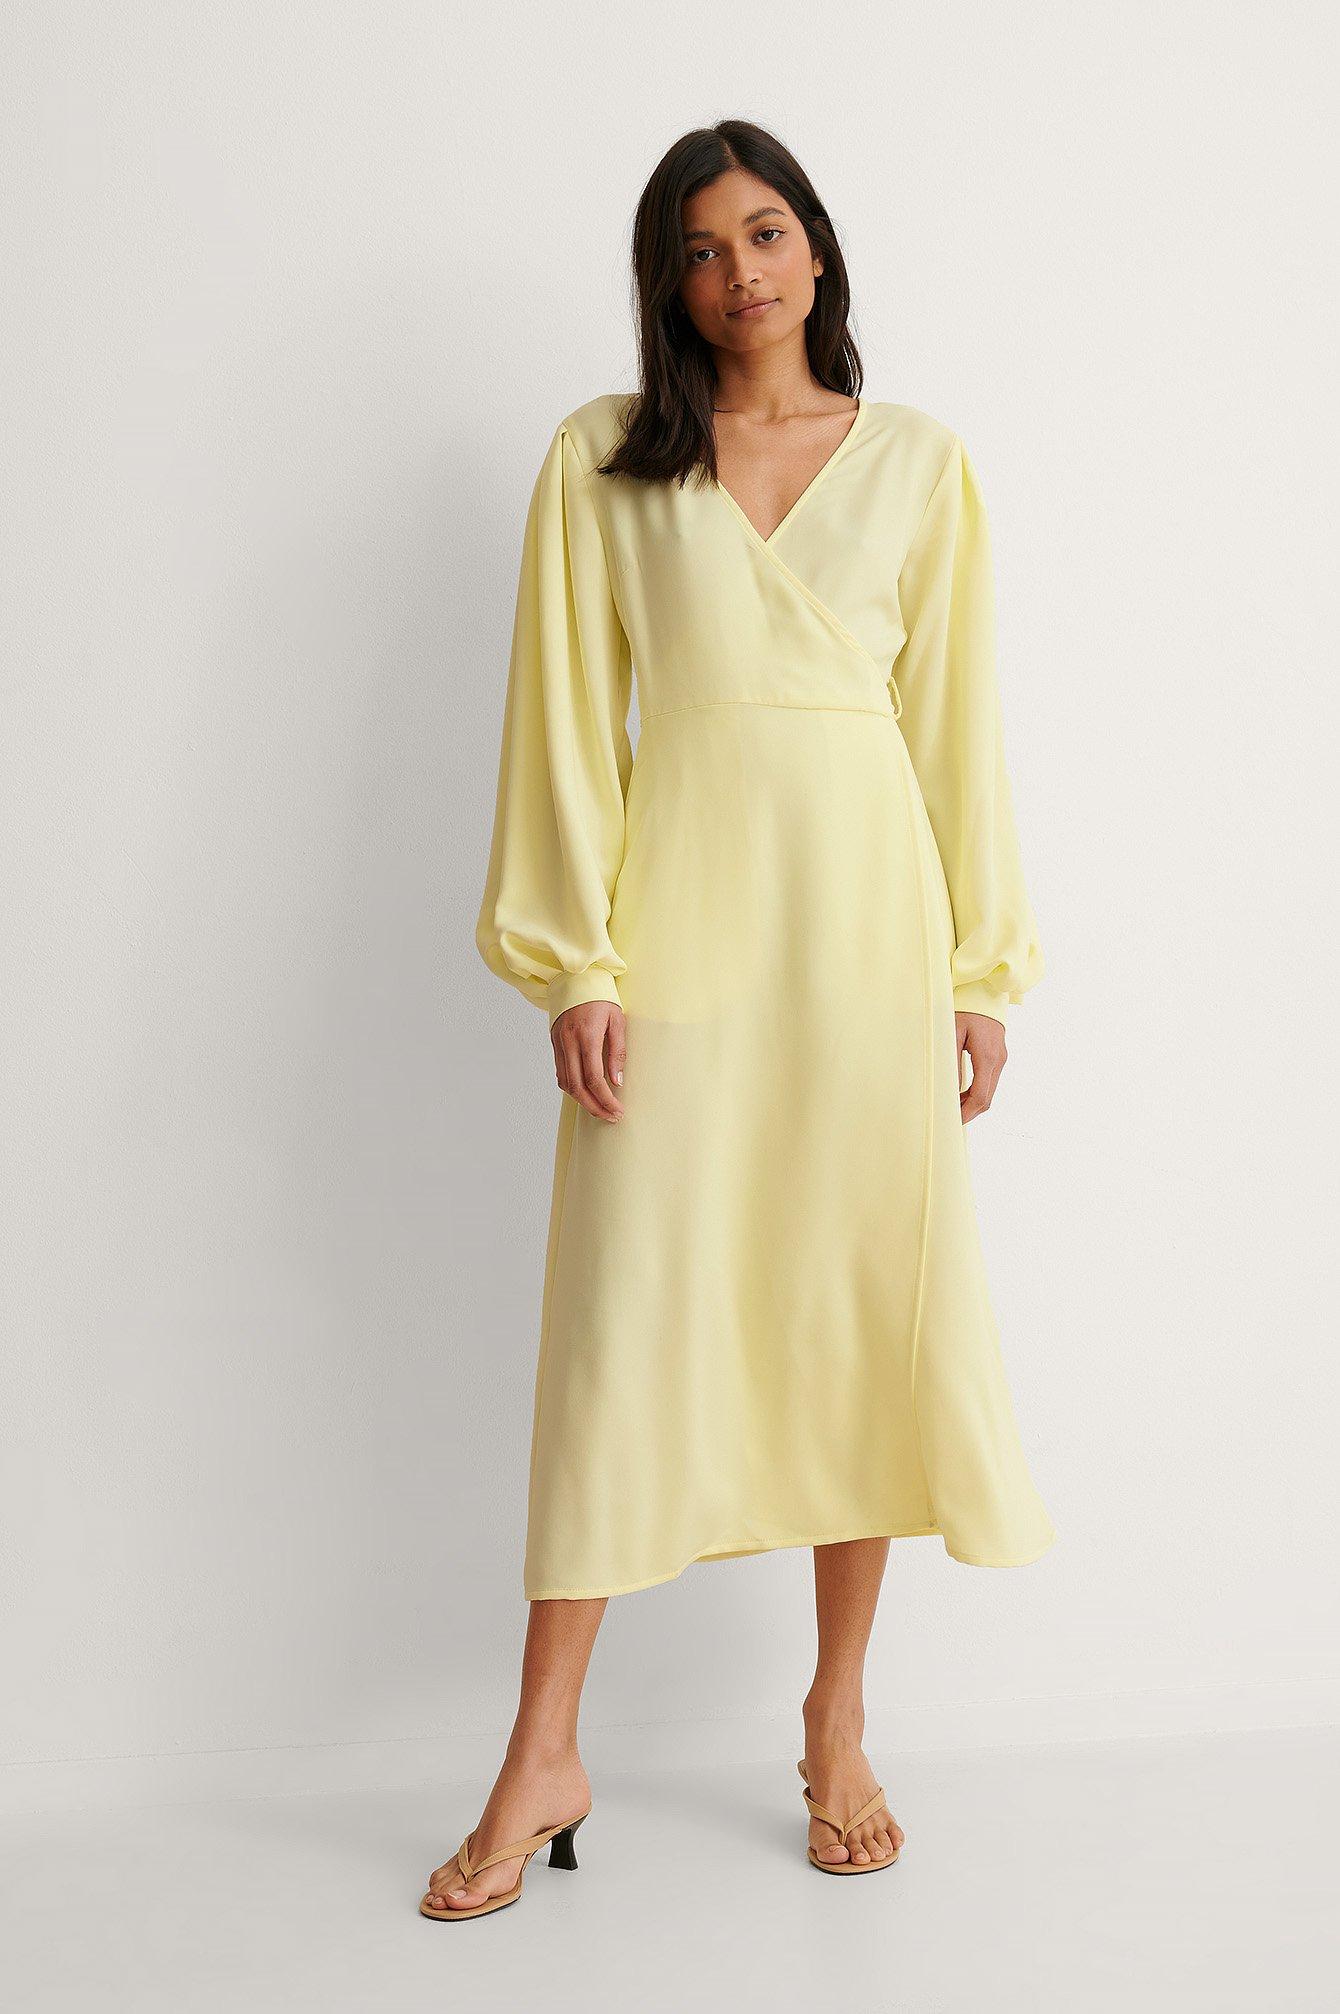 NA-KD Trend Omlottklänning Med Puffärm - Yellow